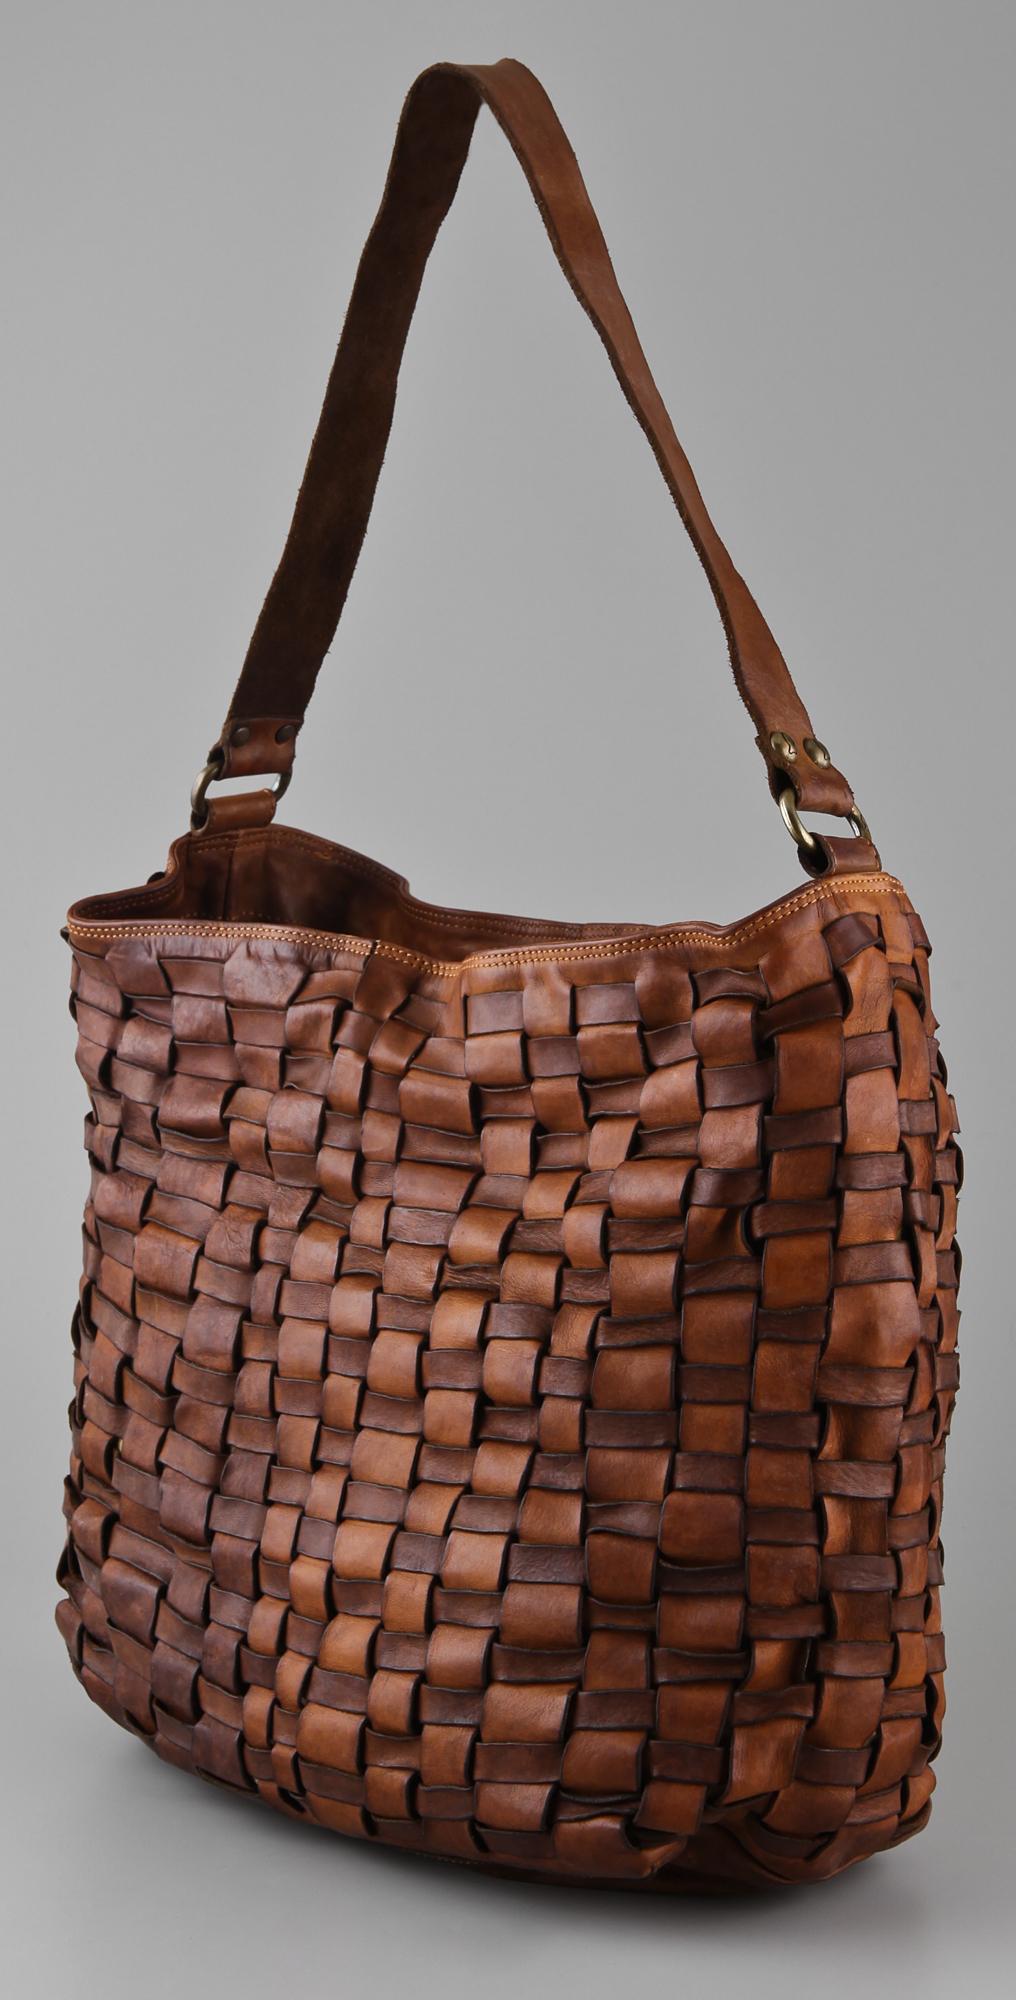 42815a15af Sale campomaggi plaited leather totes jpg 1016x2000 Sale campomaggi plaited  leather totes